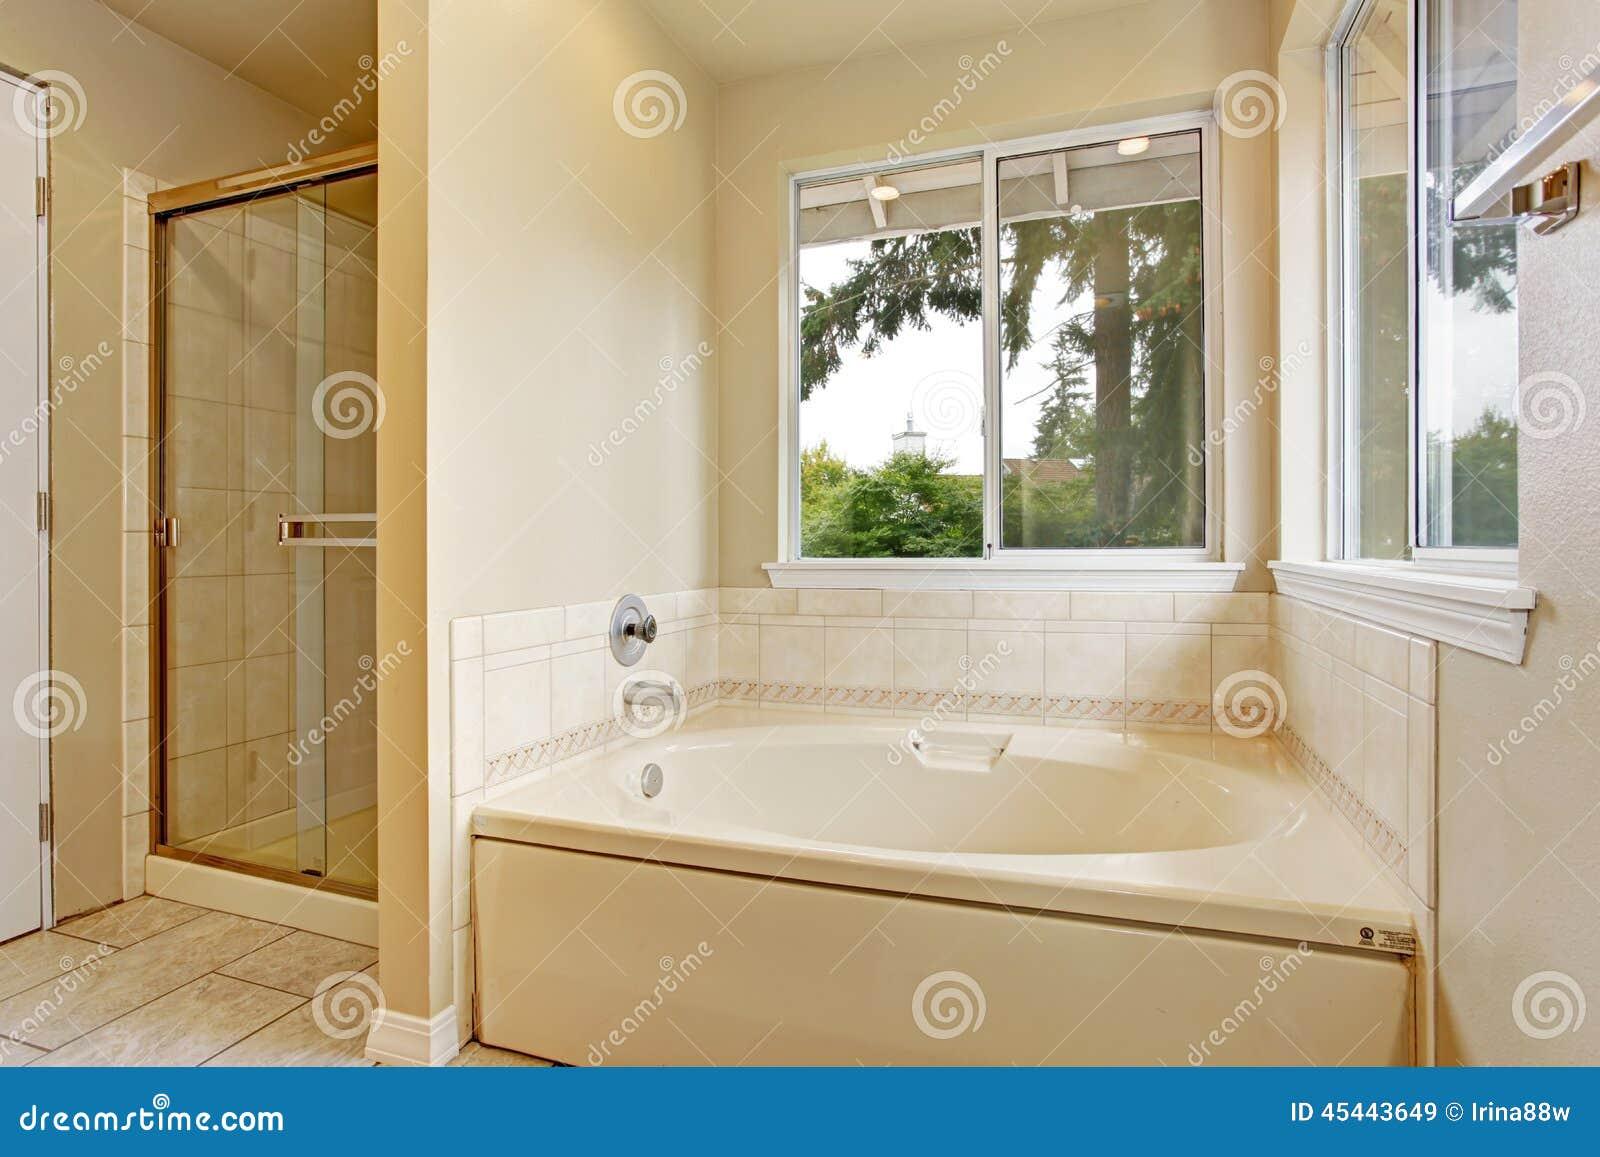 Vasca da bagno con le finestre fotografia stock immagine 45443649 - Bagno con vasca ...